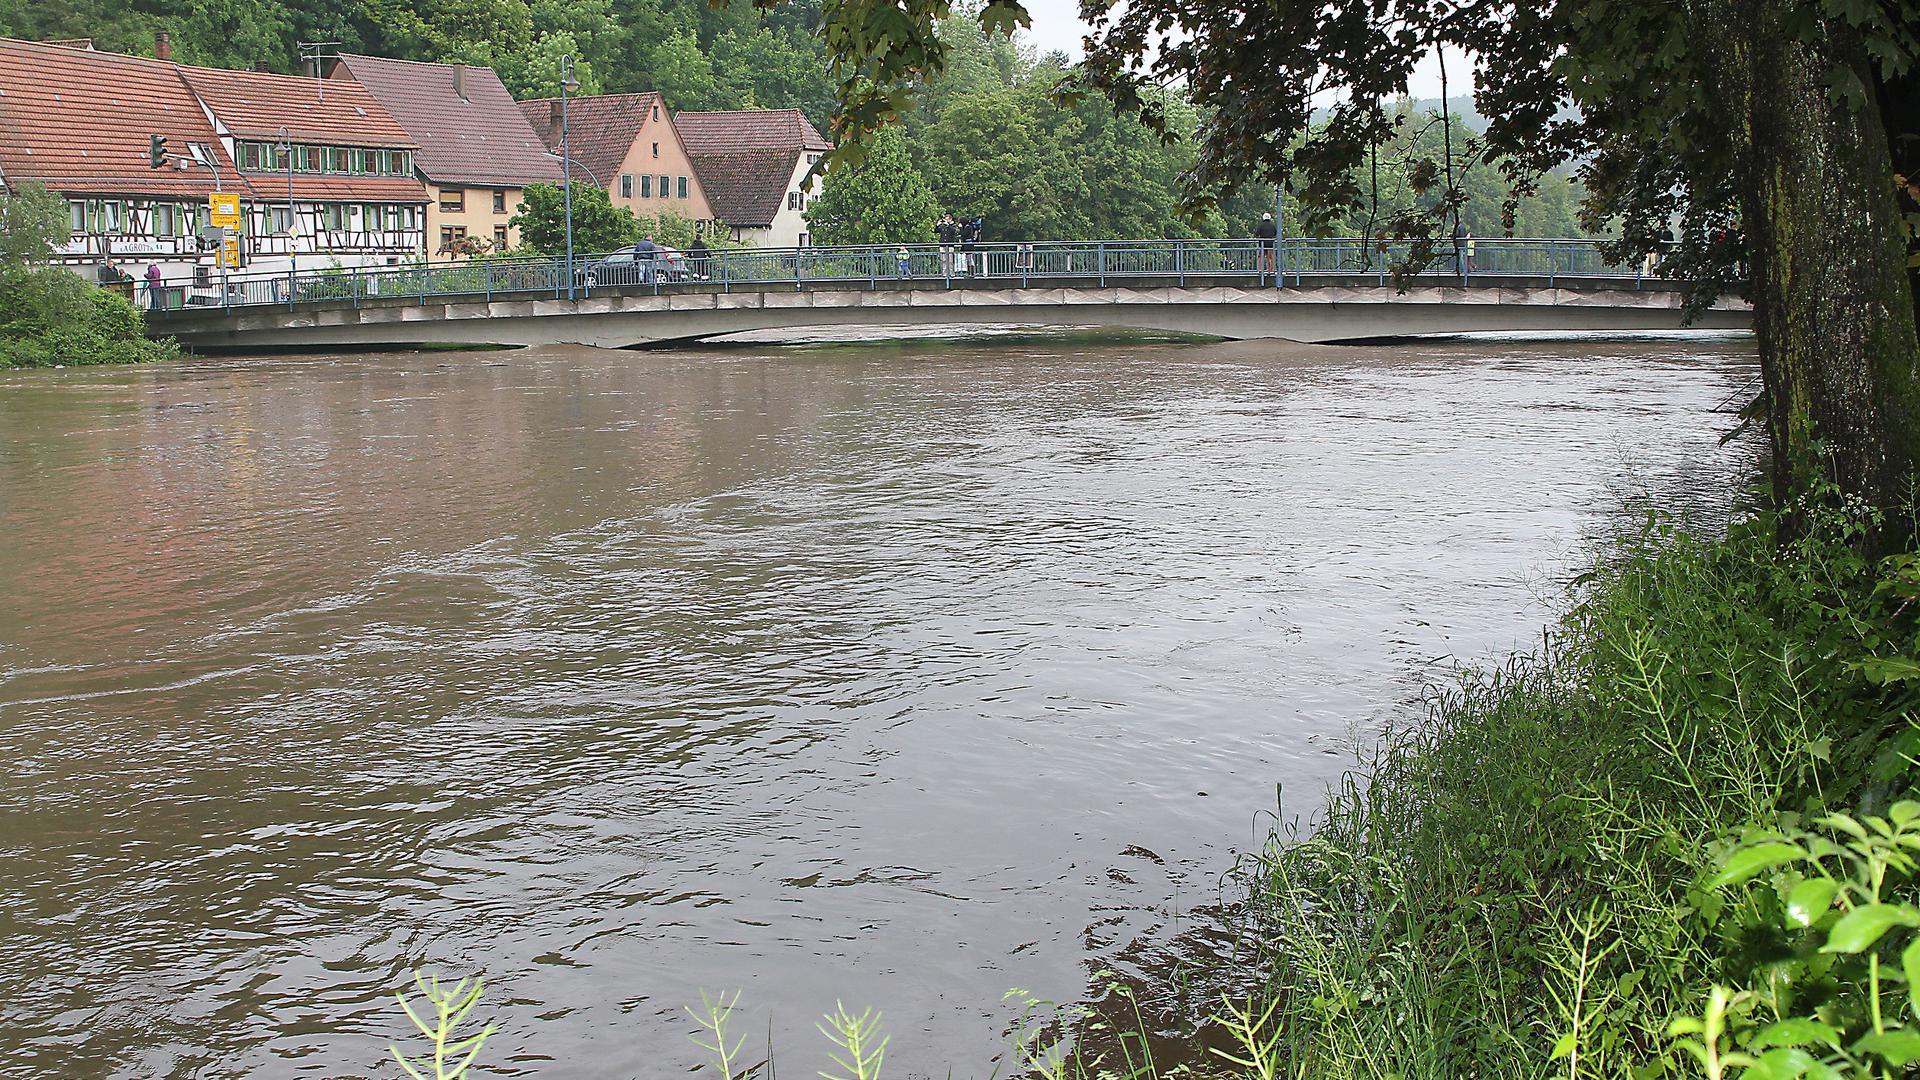 Mehr Hochwasserschutz: Beim Durchfluss an der Brückenunterkante wird es schnell eng und es drohen Überflutungen. Eine neue Brücke an der Stelle der jetzigen Herrenwaagbrücke in Dürrmenz  soll deshalb auch den Hochwasserschutz erhöhen.